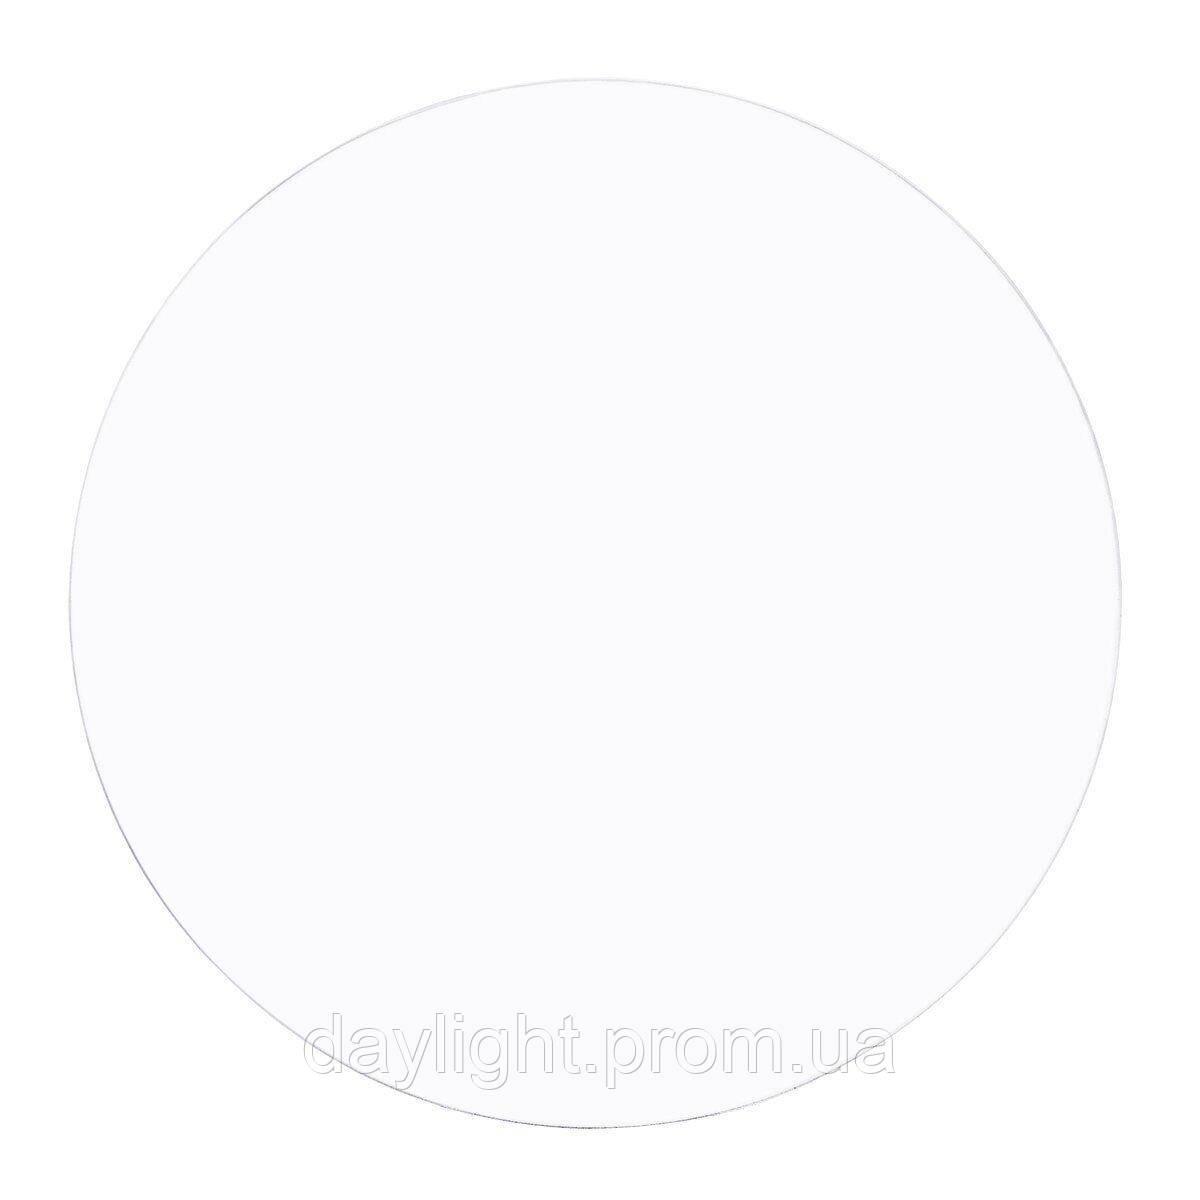 Светодиодный потолочный светильник 42w круг (без пульта)